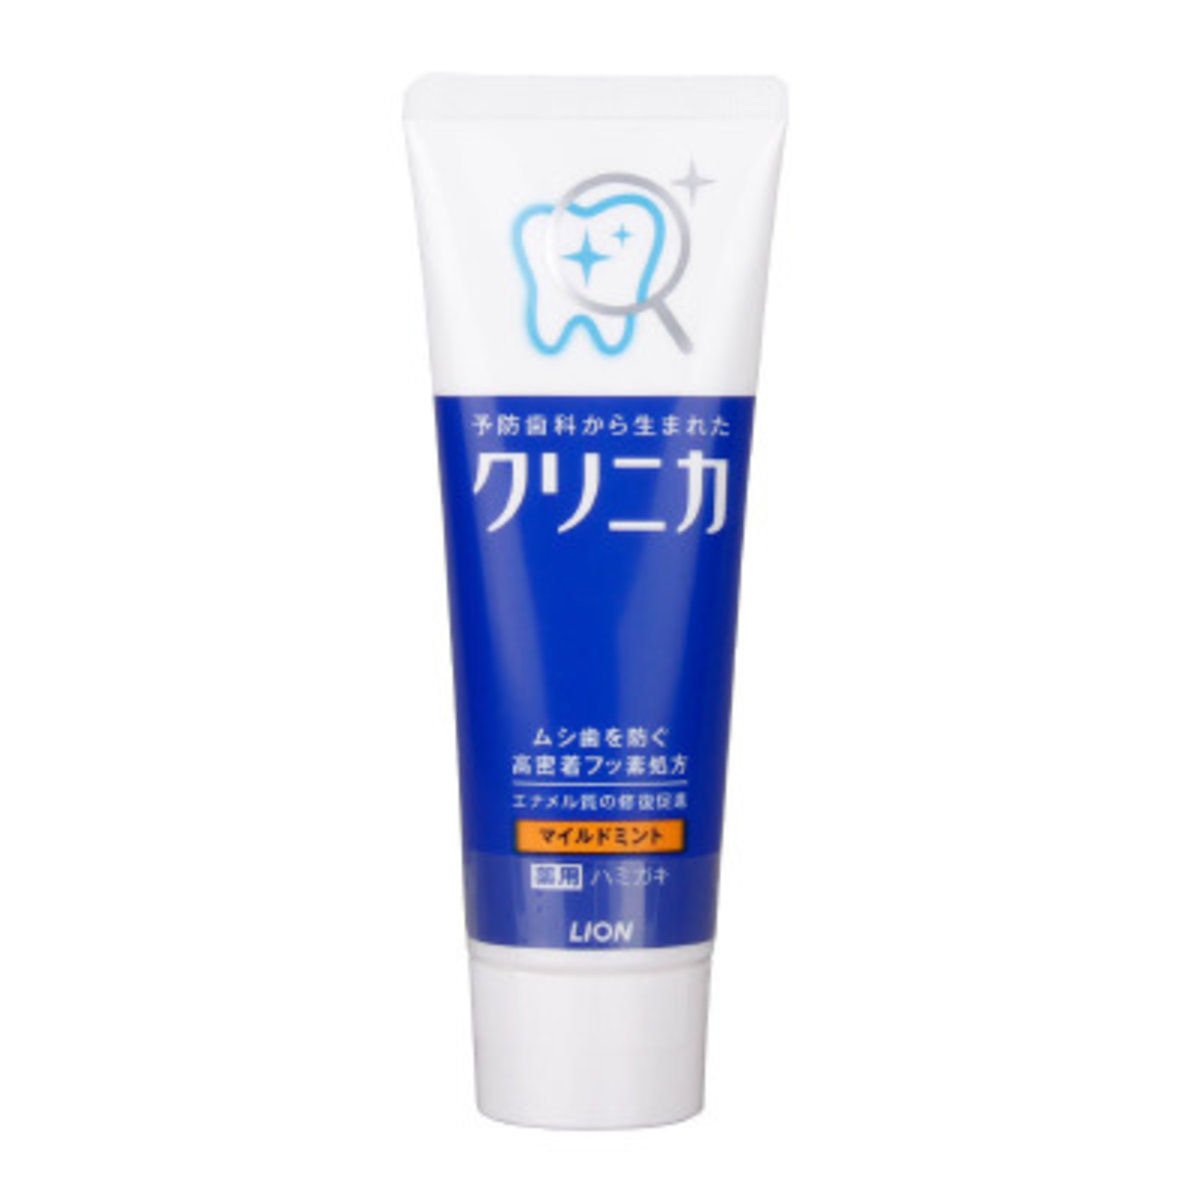 日本版 獅王潔淨 柔和薄荷牙膏130g  (孕婦可用)(平行進口)